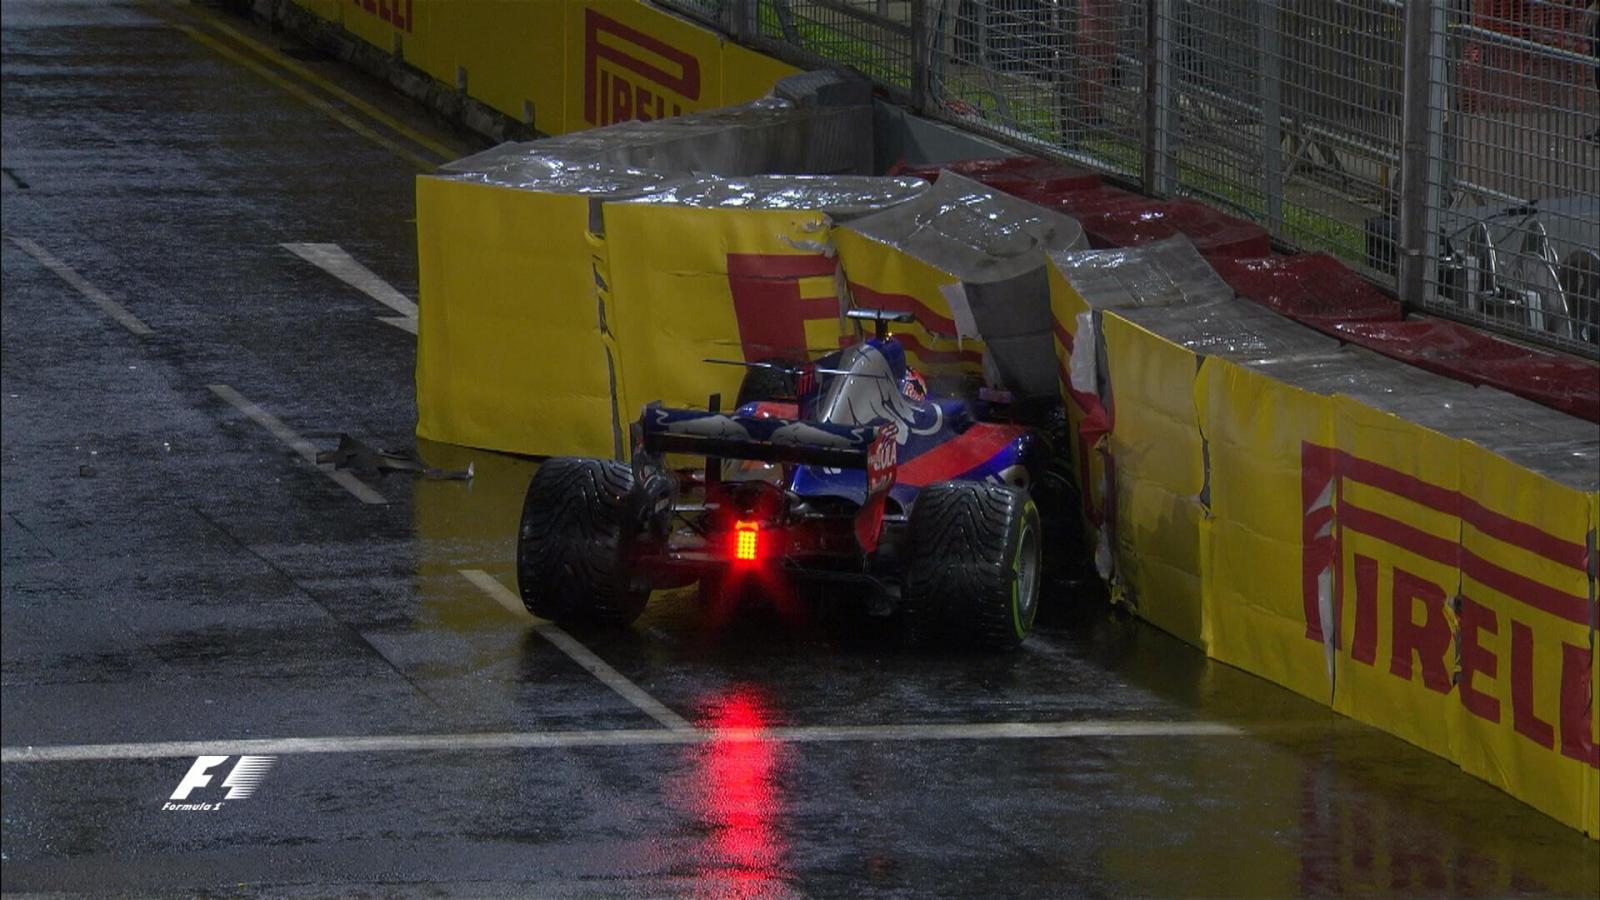 Пилот «Мерседеса» Хэмилтон одержал победу  Гран-при Сингапура, Квят сошел